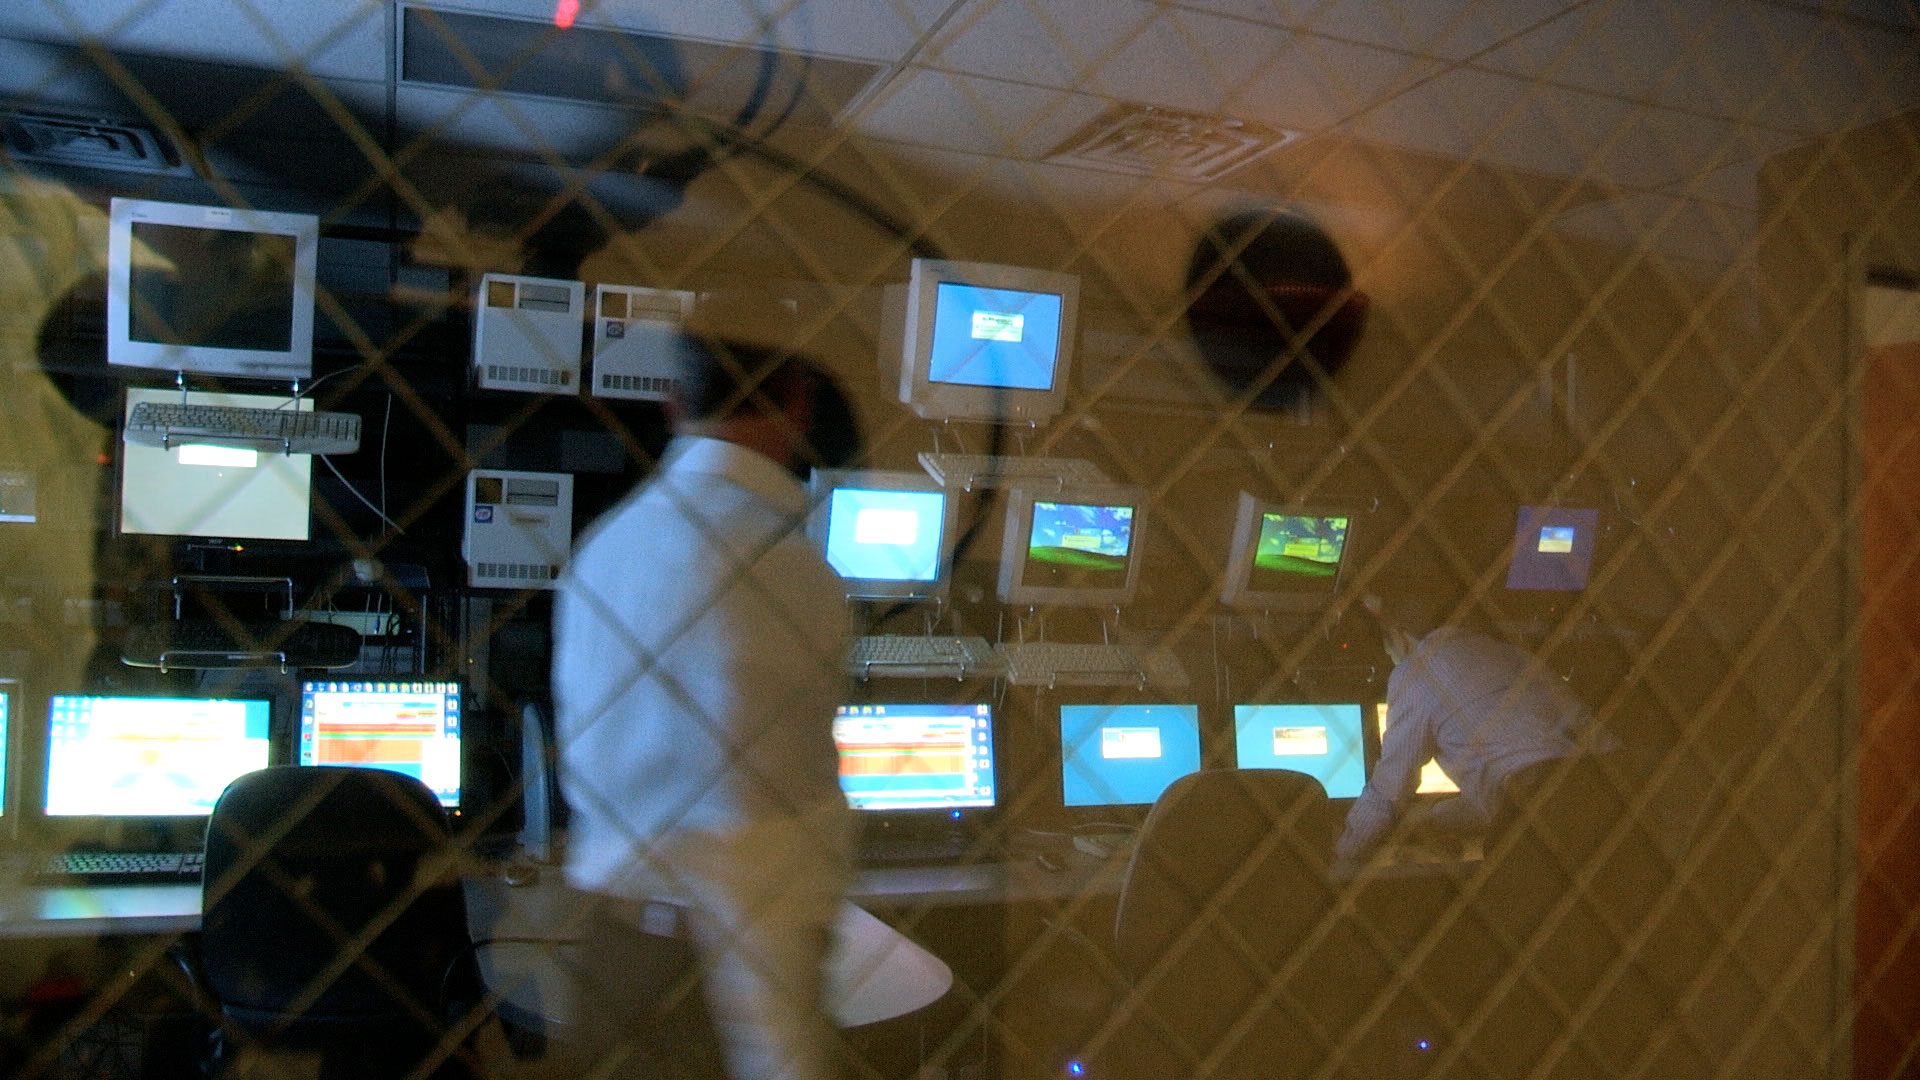 Access Direct data center equipment